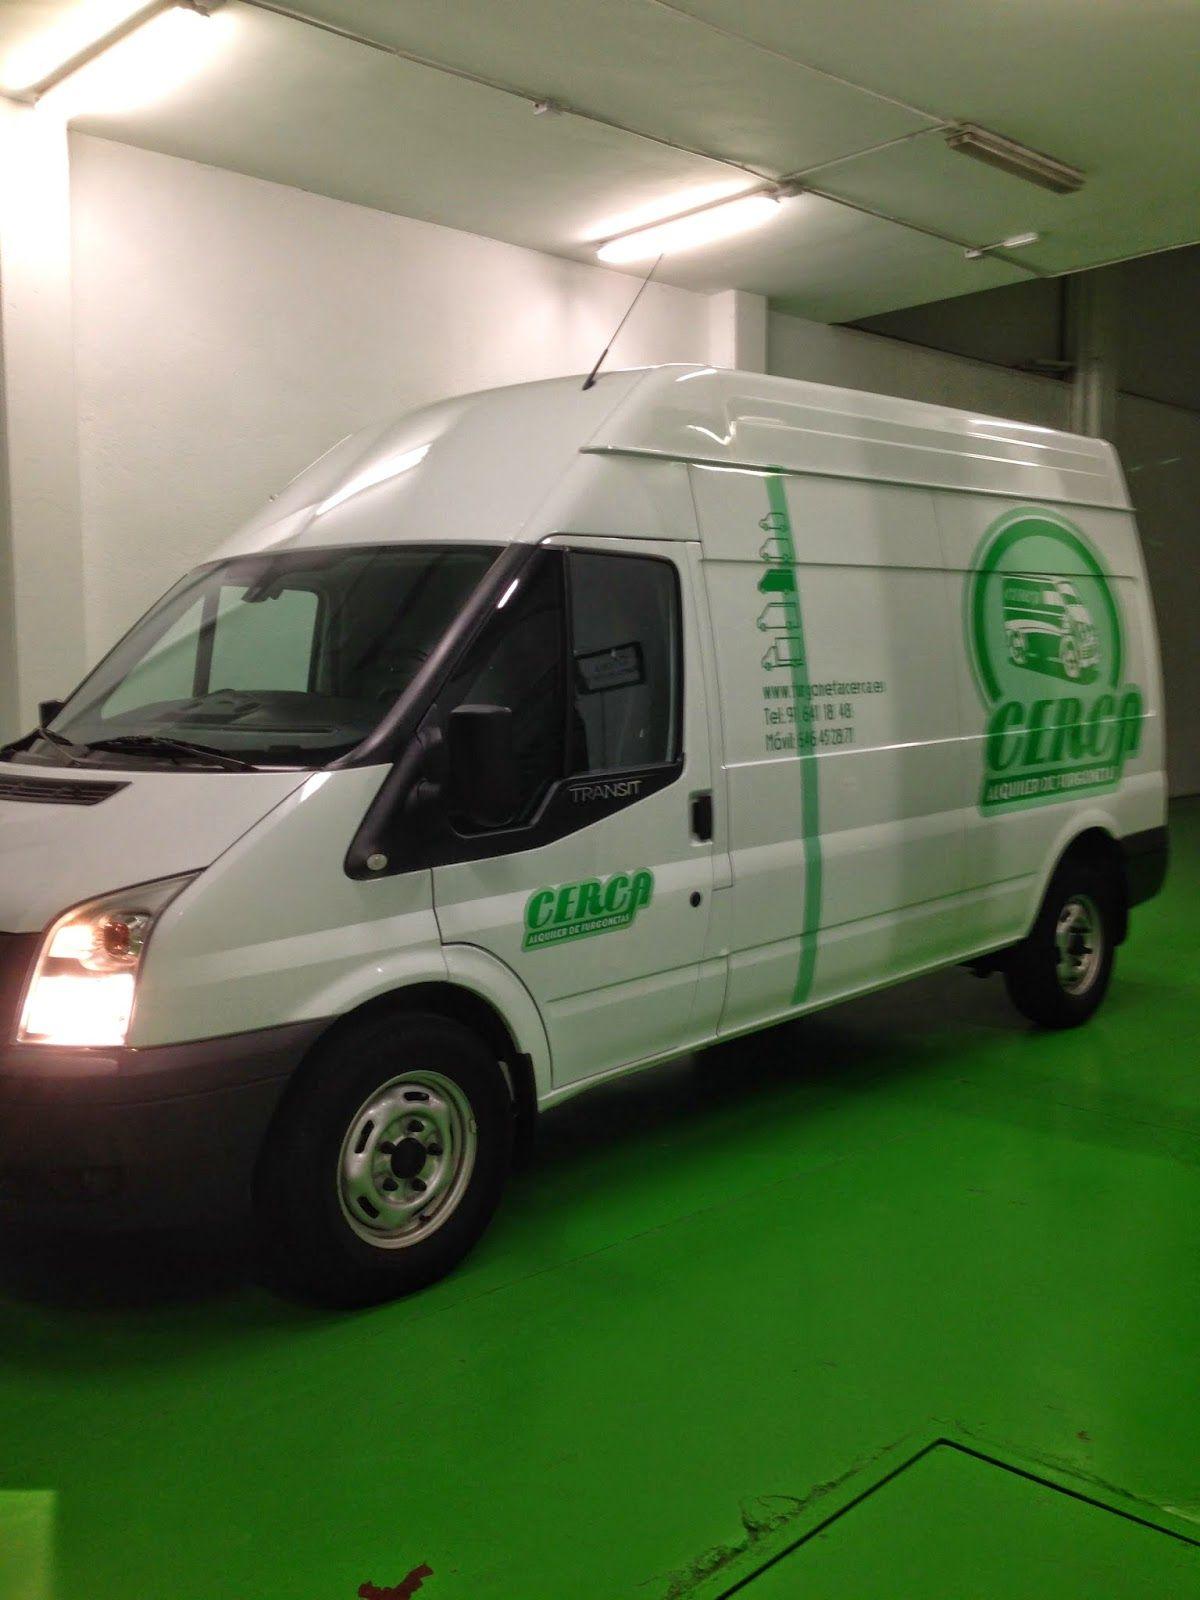 Cerca Alquiler De Furgonetas: Alquiler de furgonetas para Pymes y autónomos, Cer...